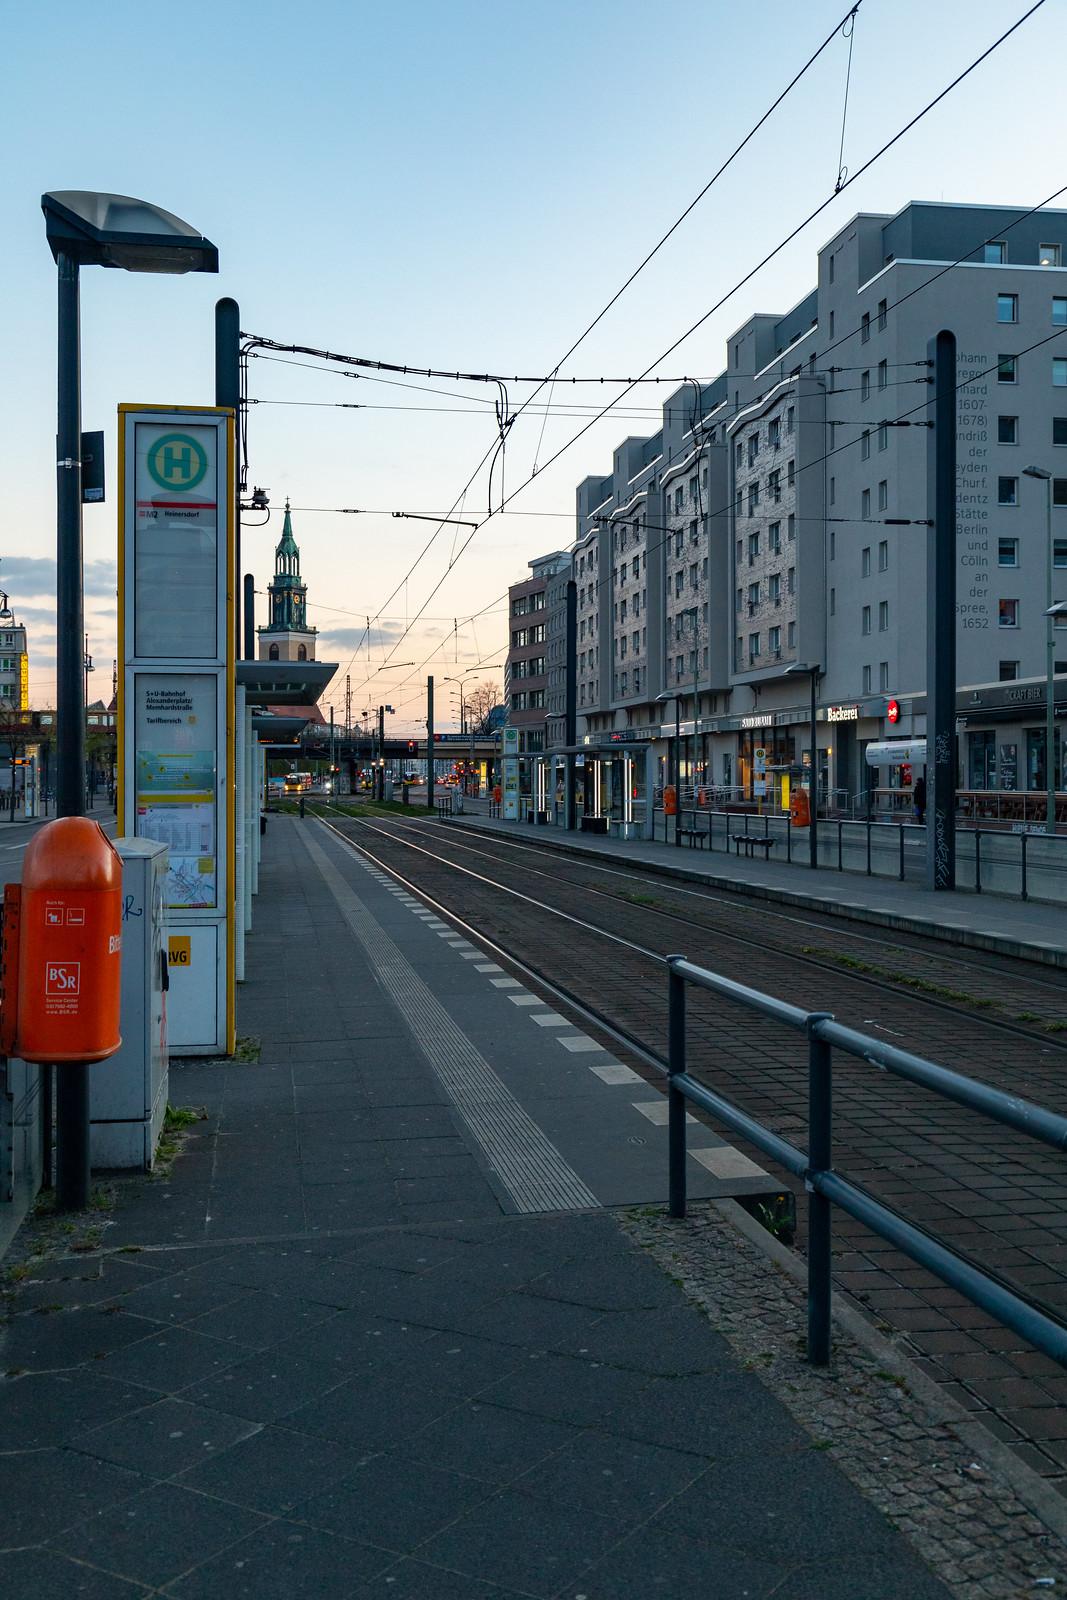 Straßenbahn-Haltestelle in der Karl-Liebknecht-Straße